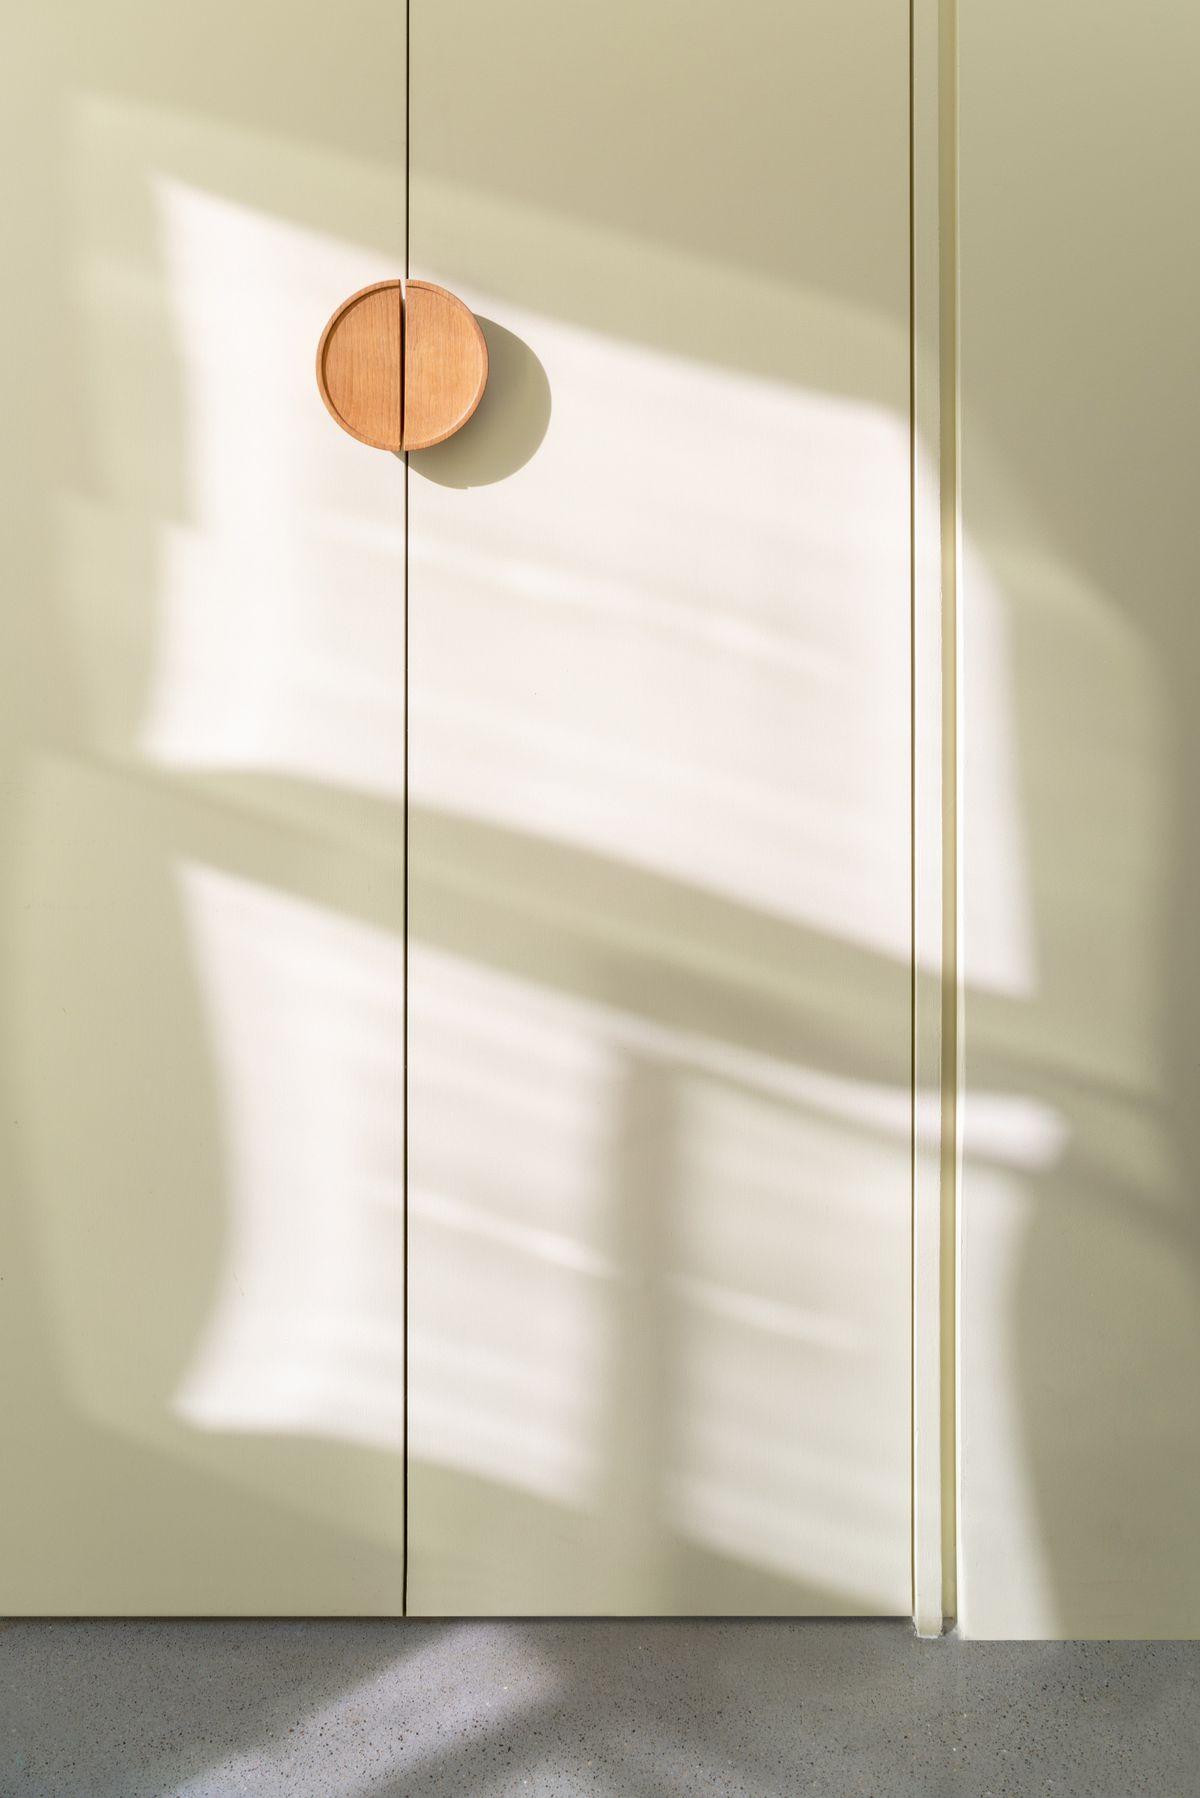 Circular door handles